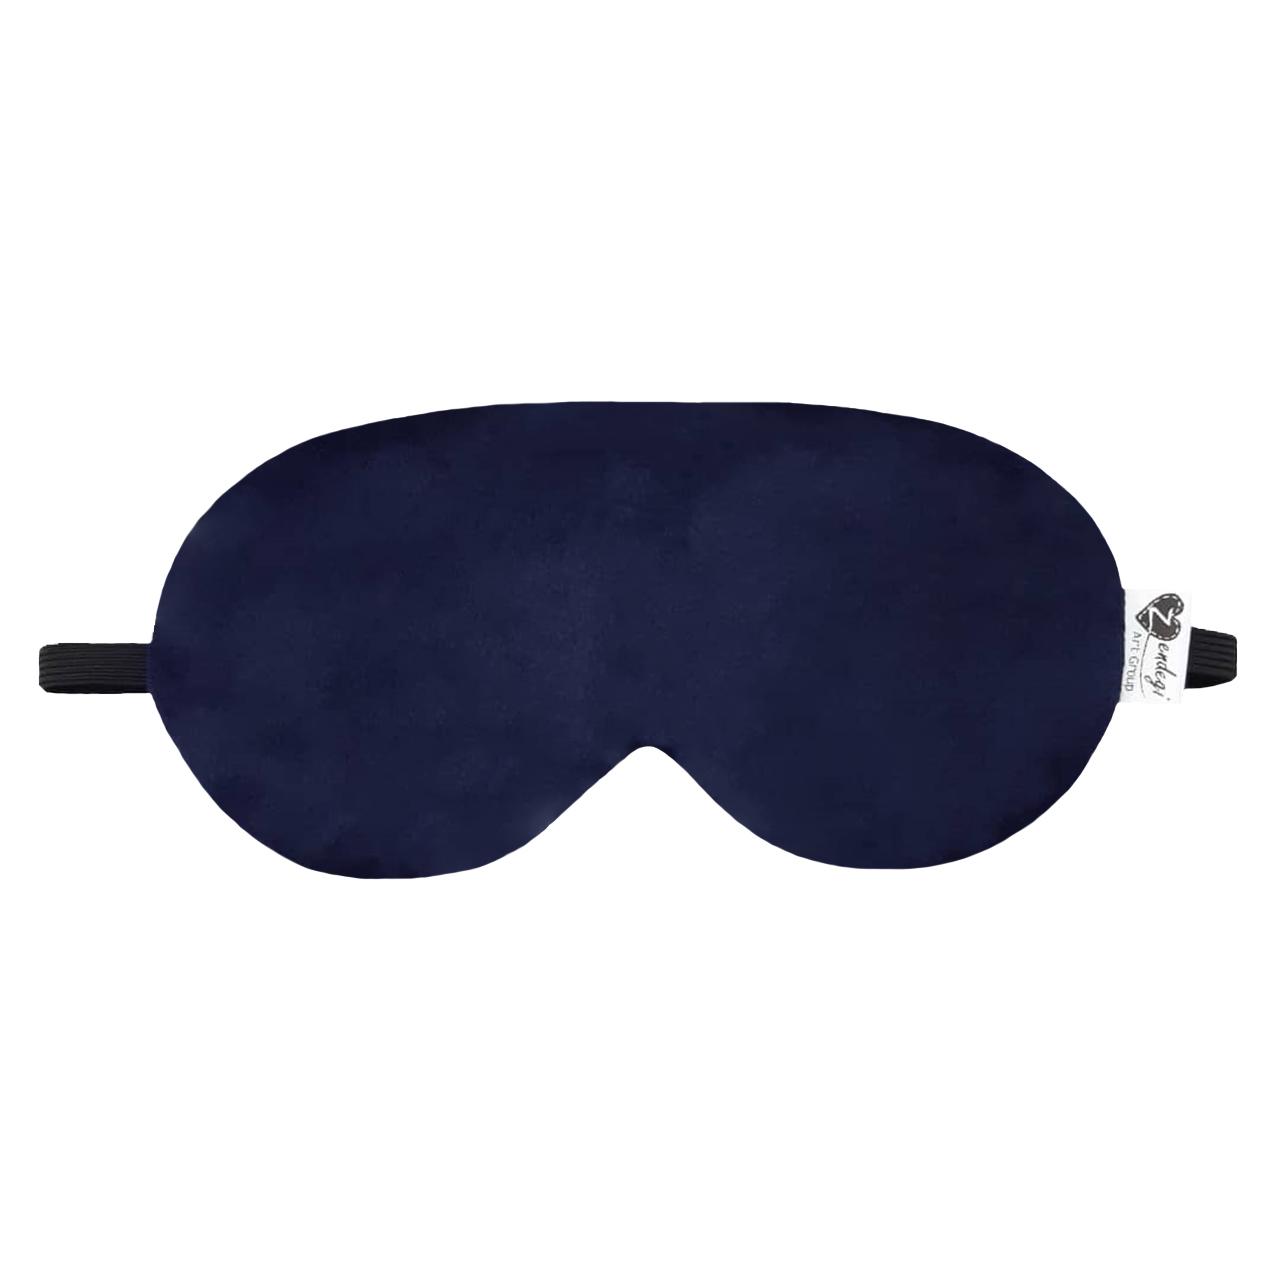 خرید                                        چشم بند طبی گروه هنری زندگی طرح پاپیونی کد MK-09